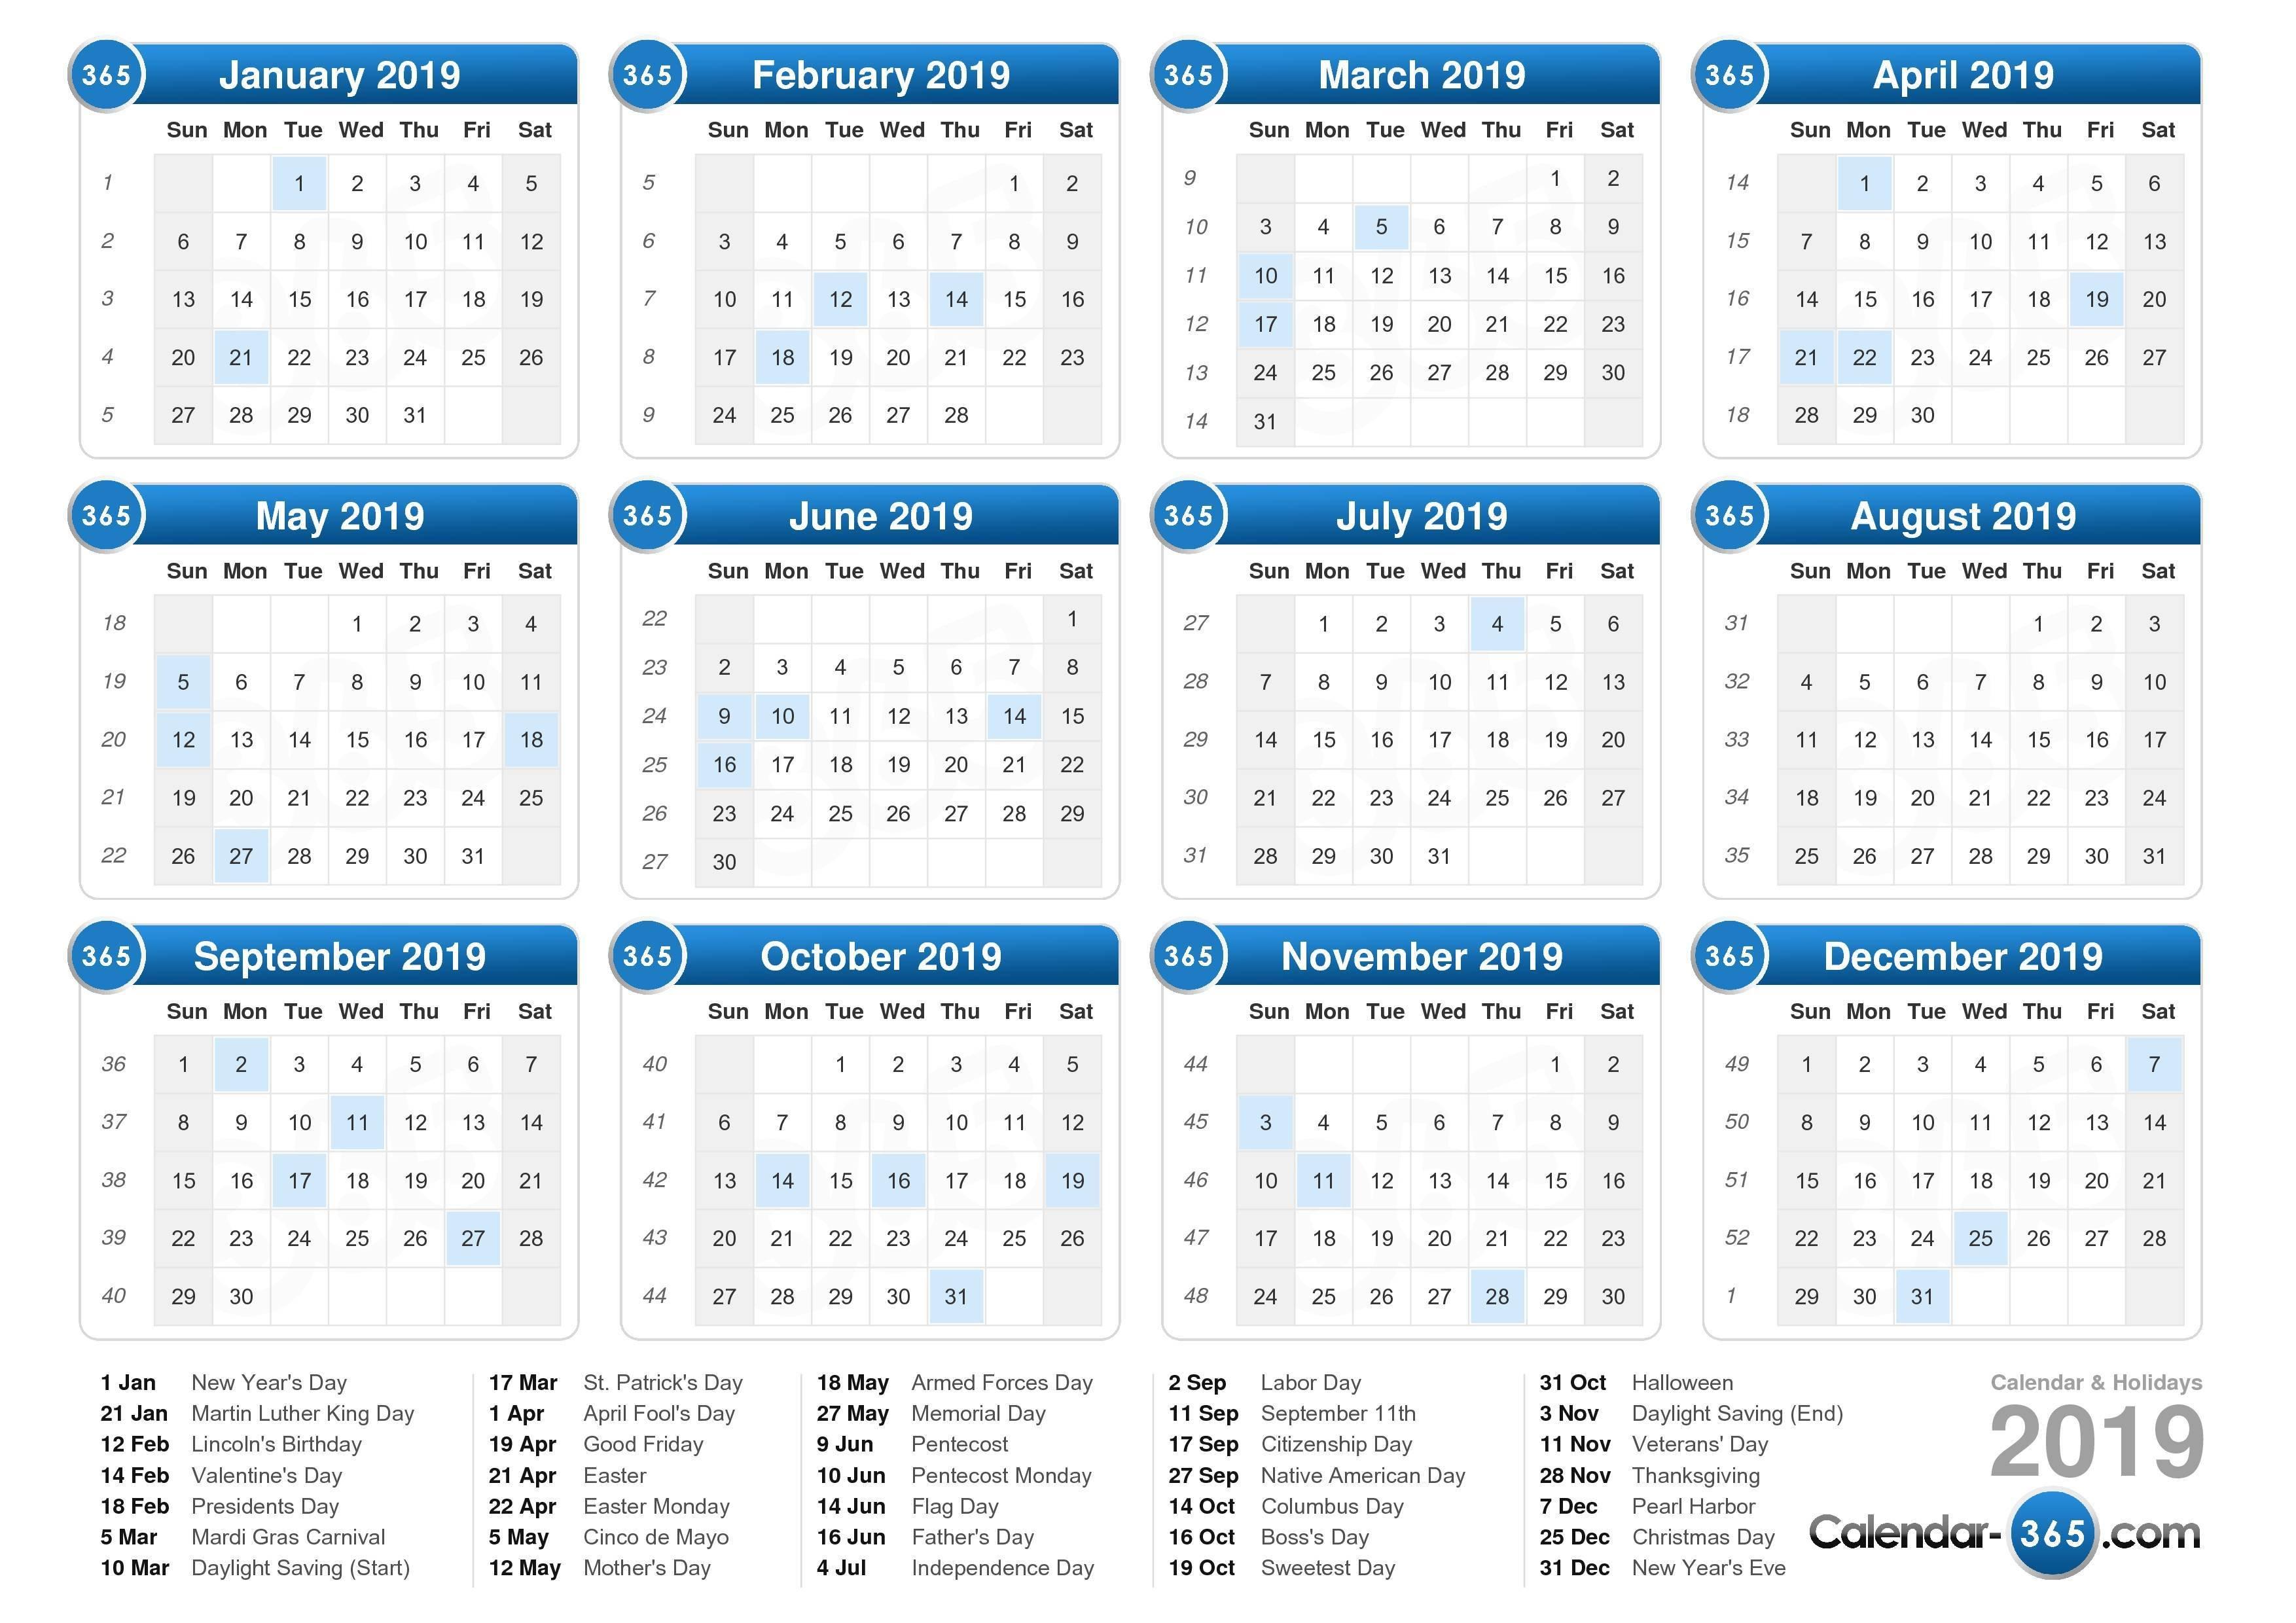 2019 Calendar Calendar 2019 Week 1